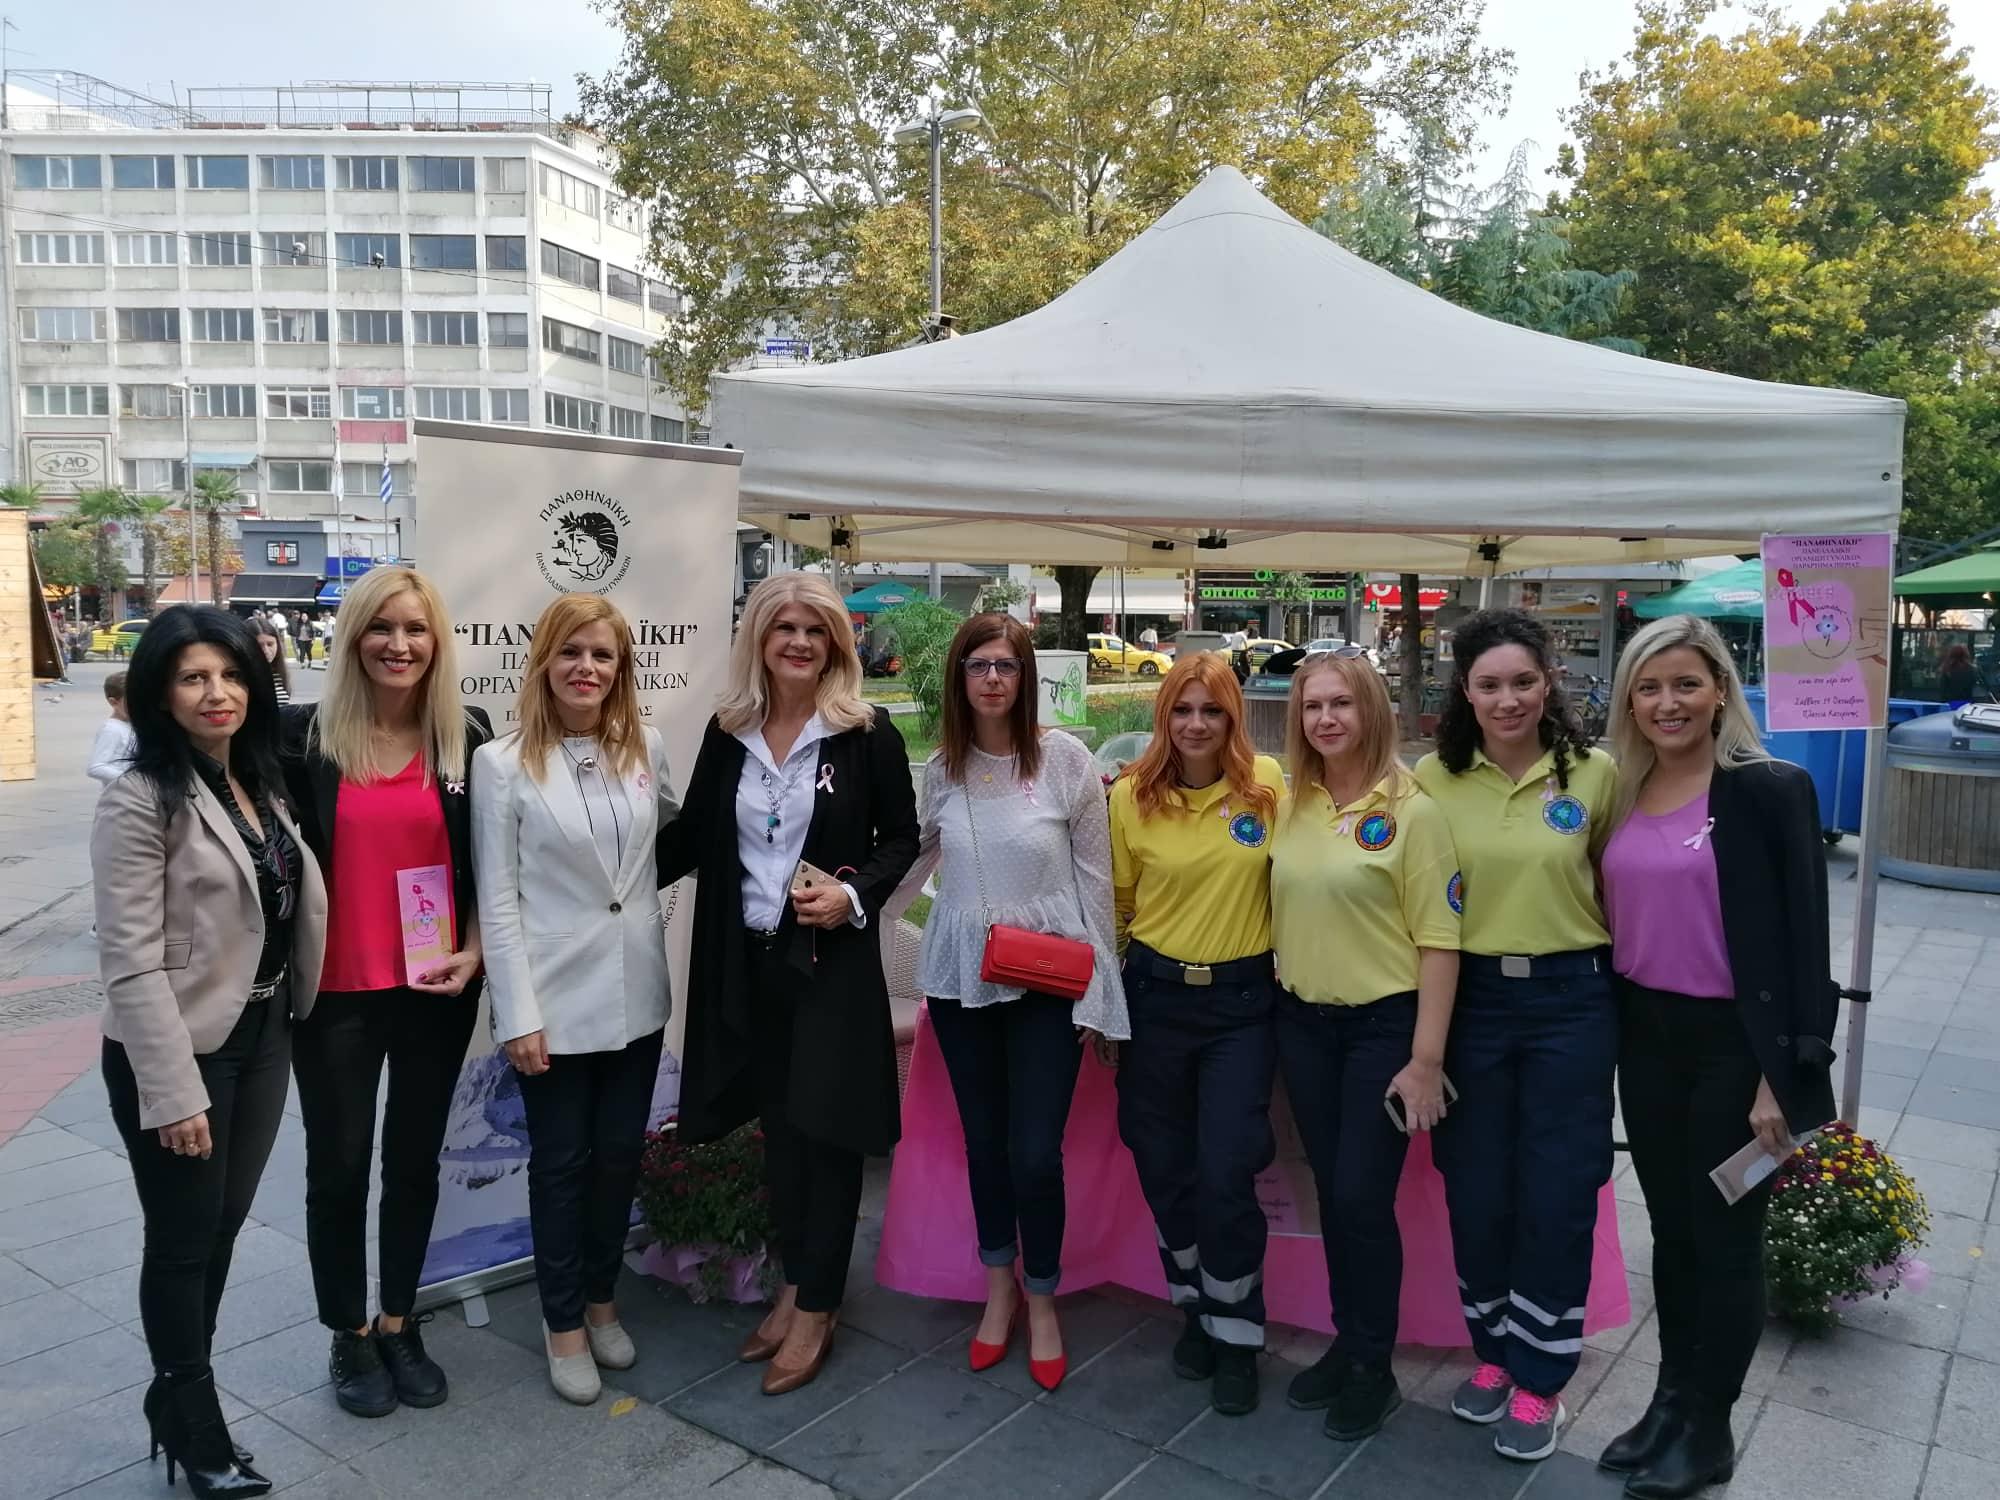 Ολυμπιάδες - Εκστρατεία ενημέρωσης για την πρόληψη του Καρκίνου του Μαστού (+Στιγμιότυπα)